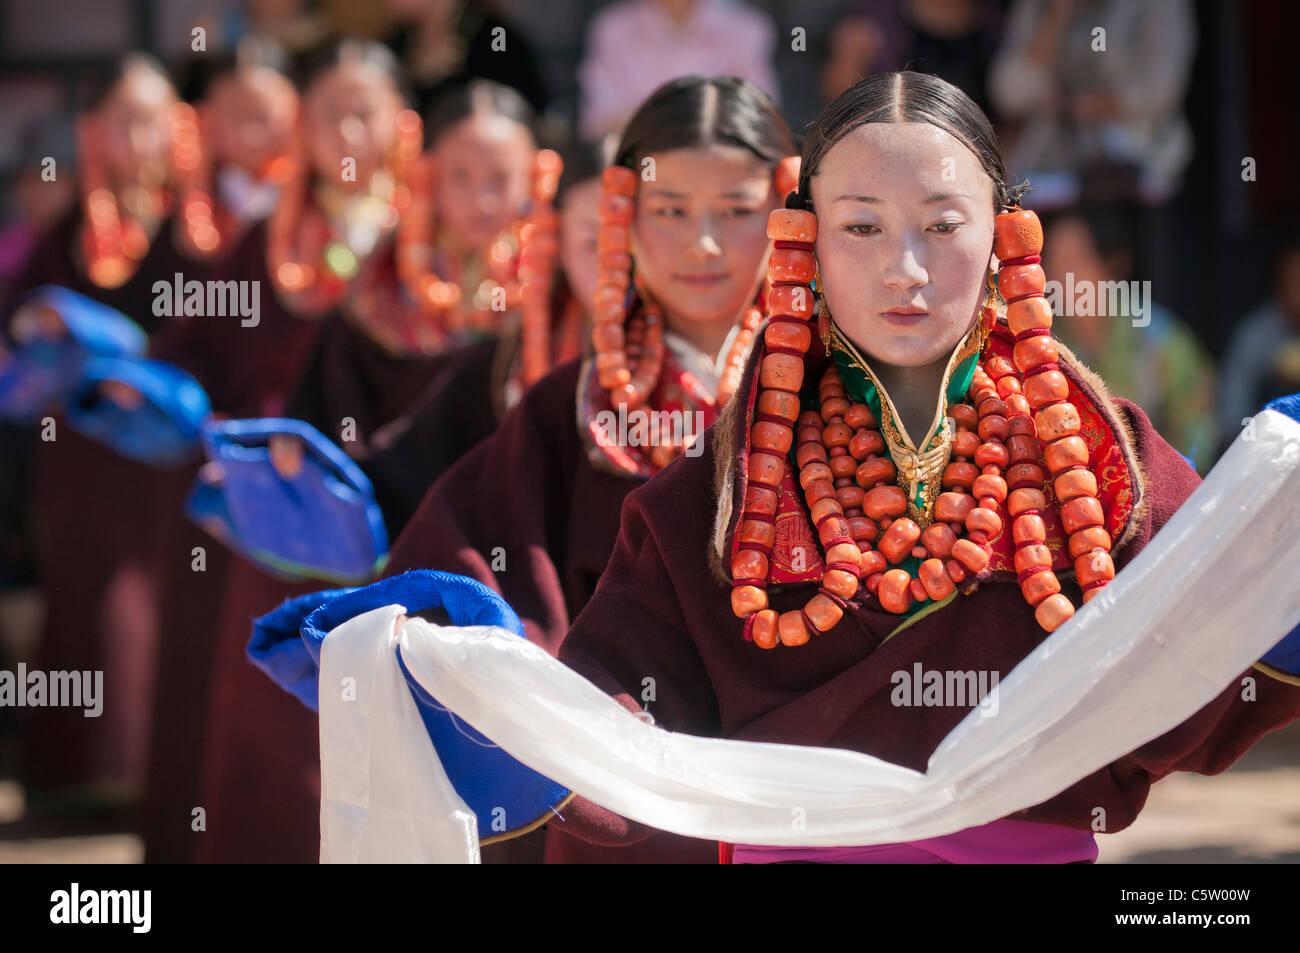 Junge Mädchen tragen von schweren Korallen Schmuck Höchstleistungen Schamane Erntefest, Tongren, Qinghai Stockbild